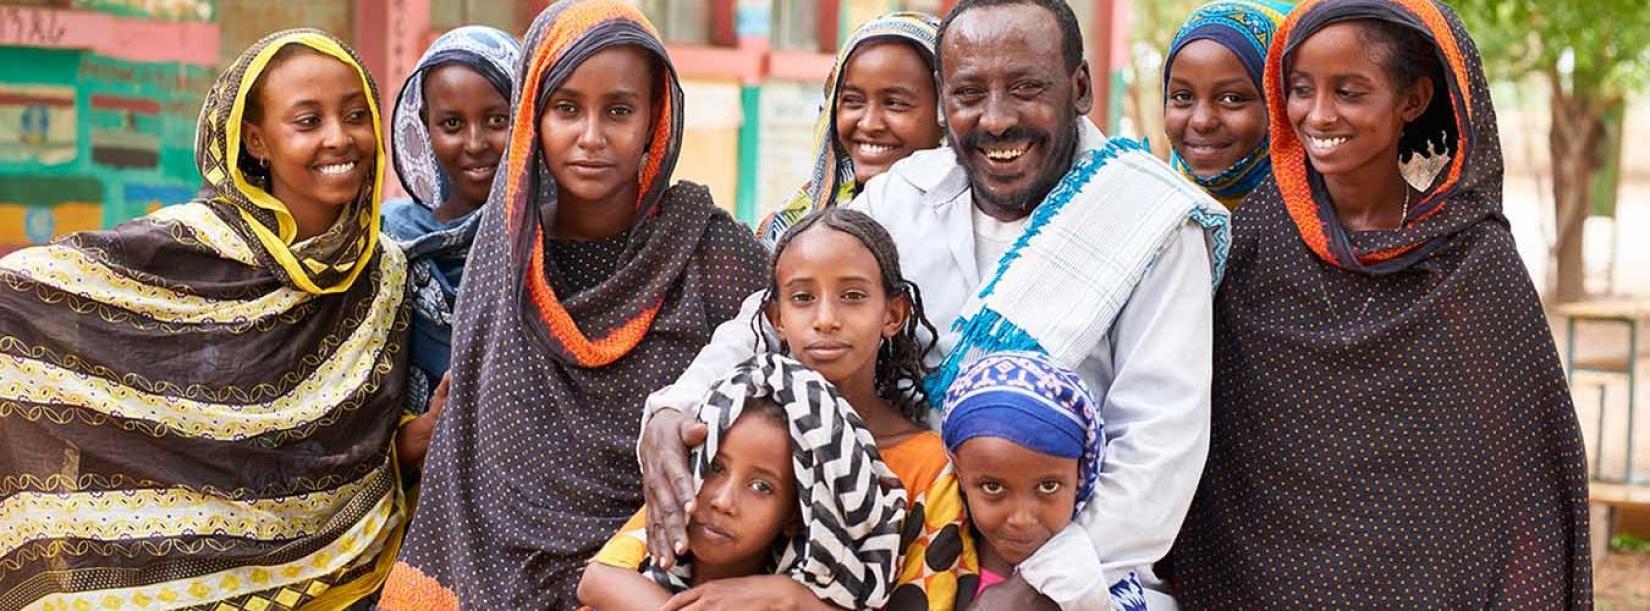 O pai de Mura Arabe (2a. à direita) impediu que ela e as irmãs sofressem mutilação genital em Afar, na Etiópia.